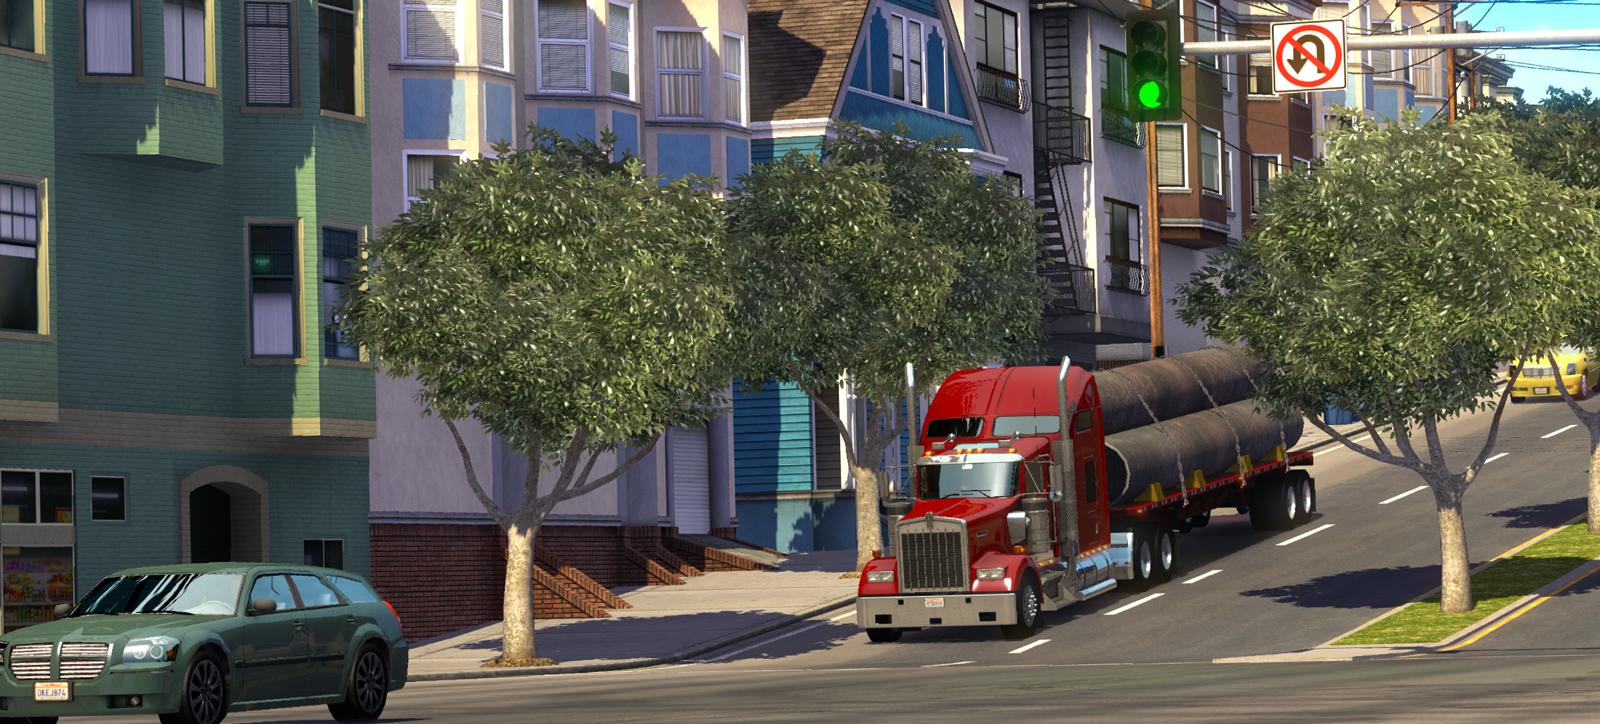 Otevřený rozhovor s tvůrci American Truck Simulatoru 100240